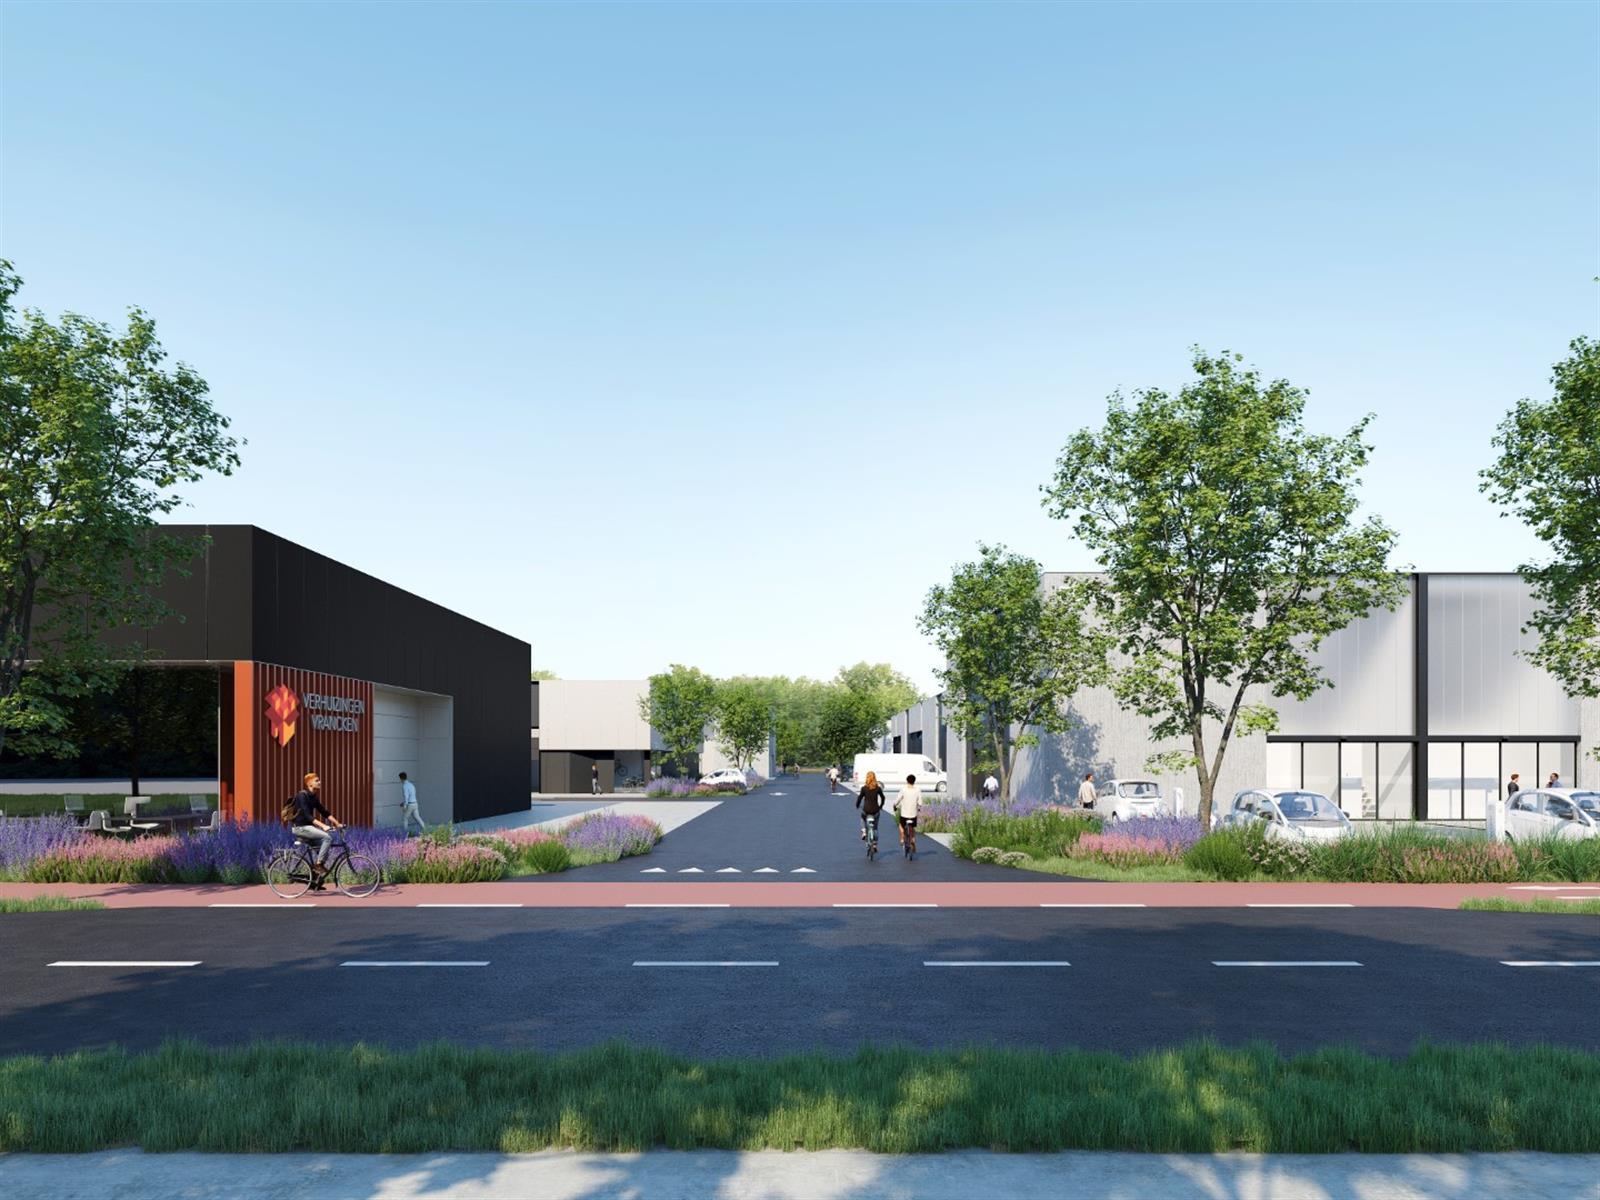 KMO-unit te koop Heros Businesspark KMO Unit 8 - Herkenrodesingel 10, 3500 Hasselt, België 5